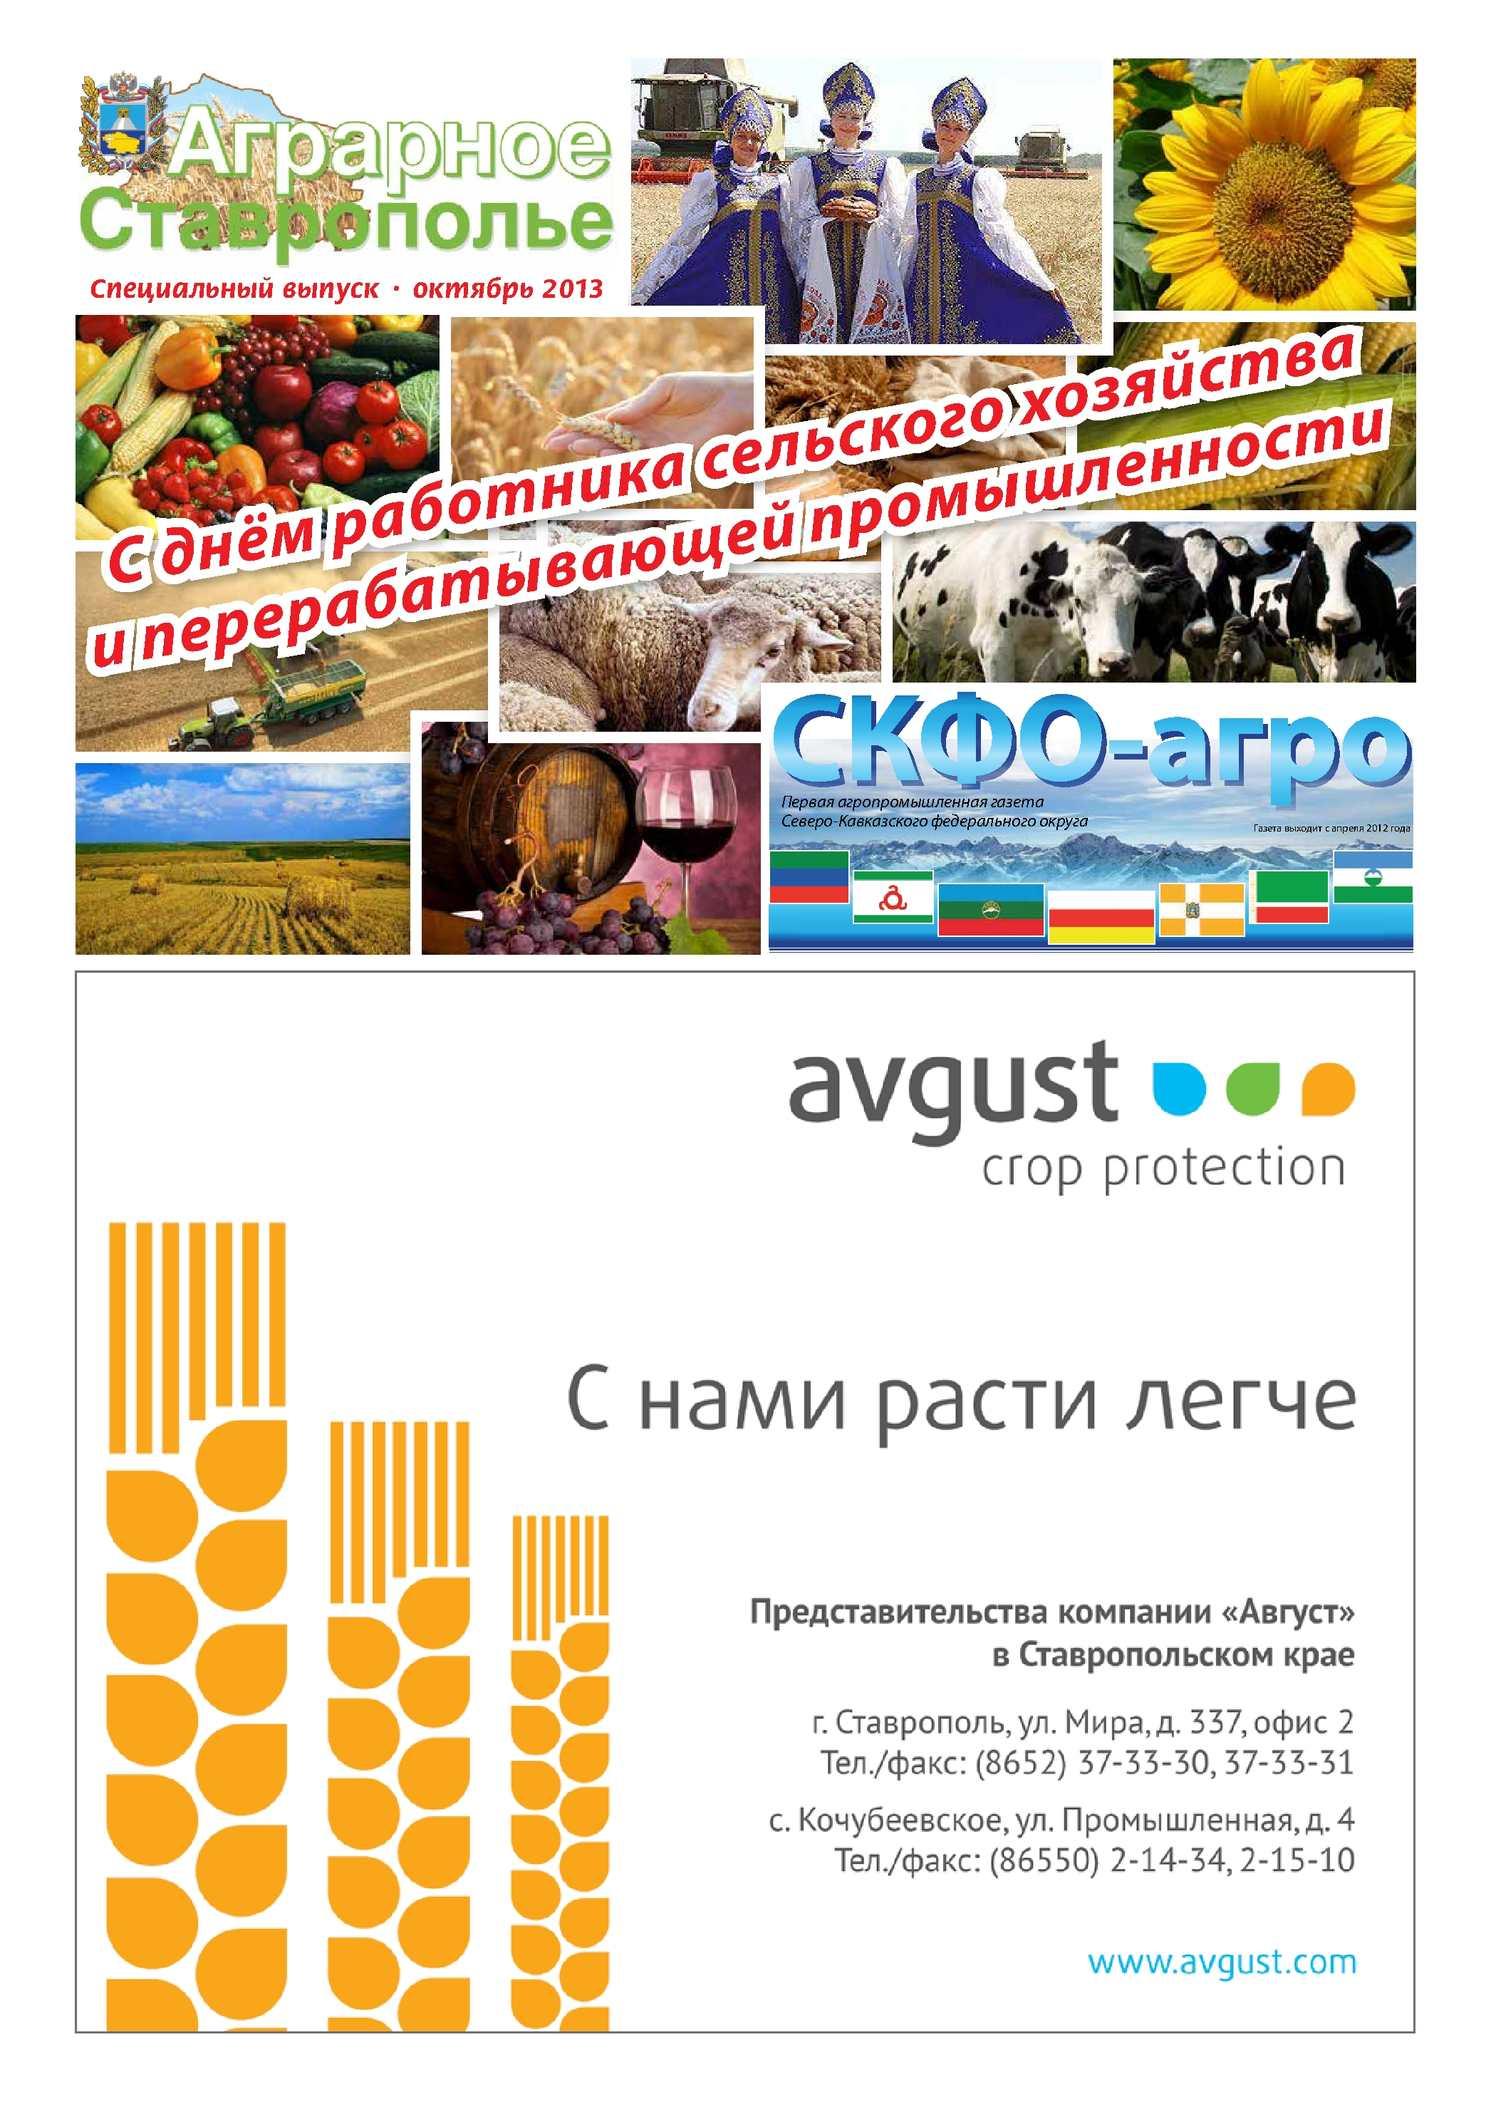 Весенняя подкормка озимой пшеницы, подкормка пшеницы весной — пропозиция